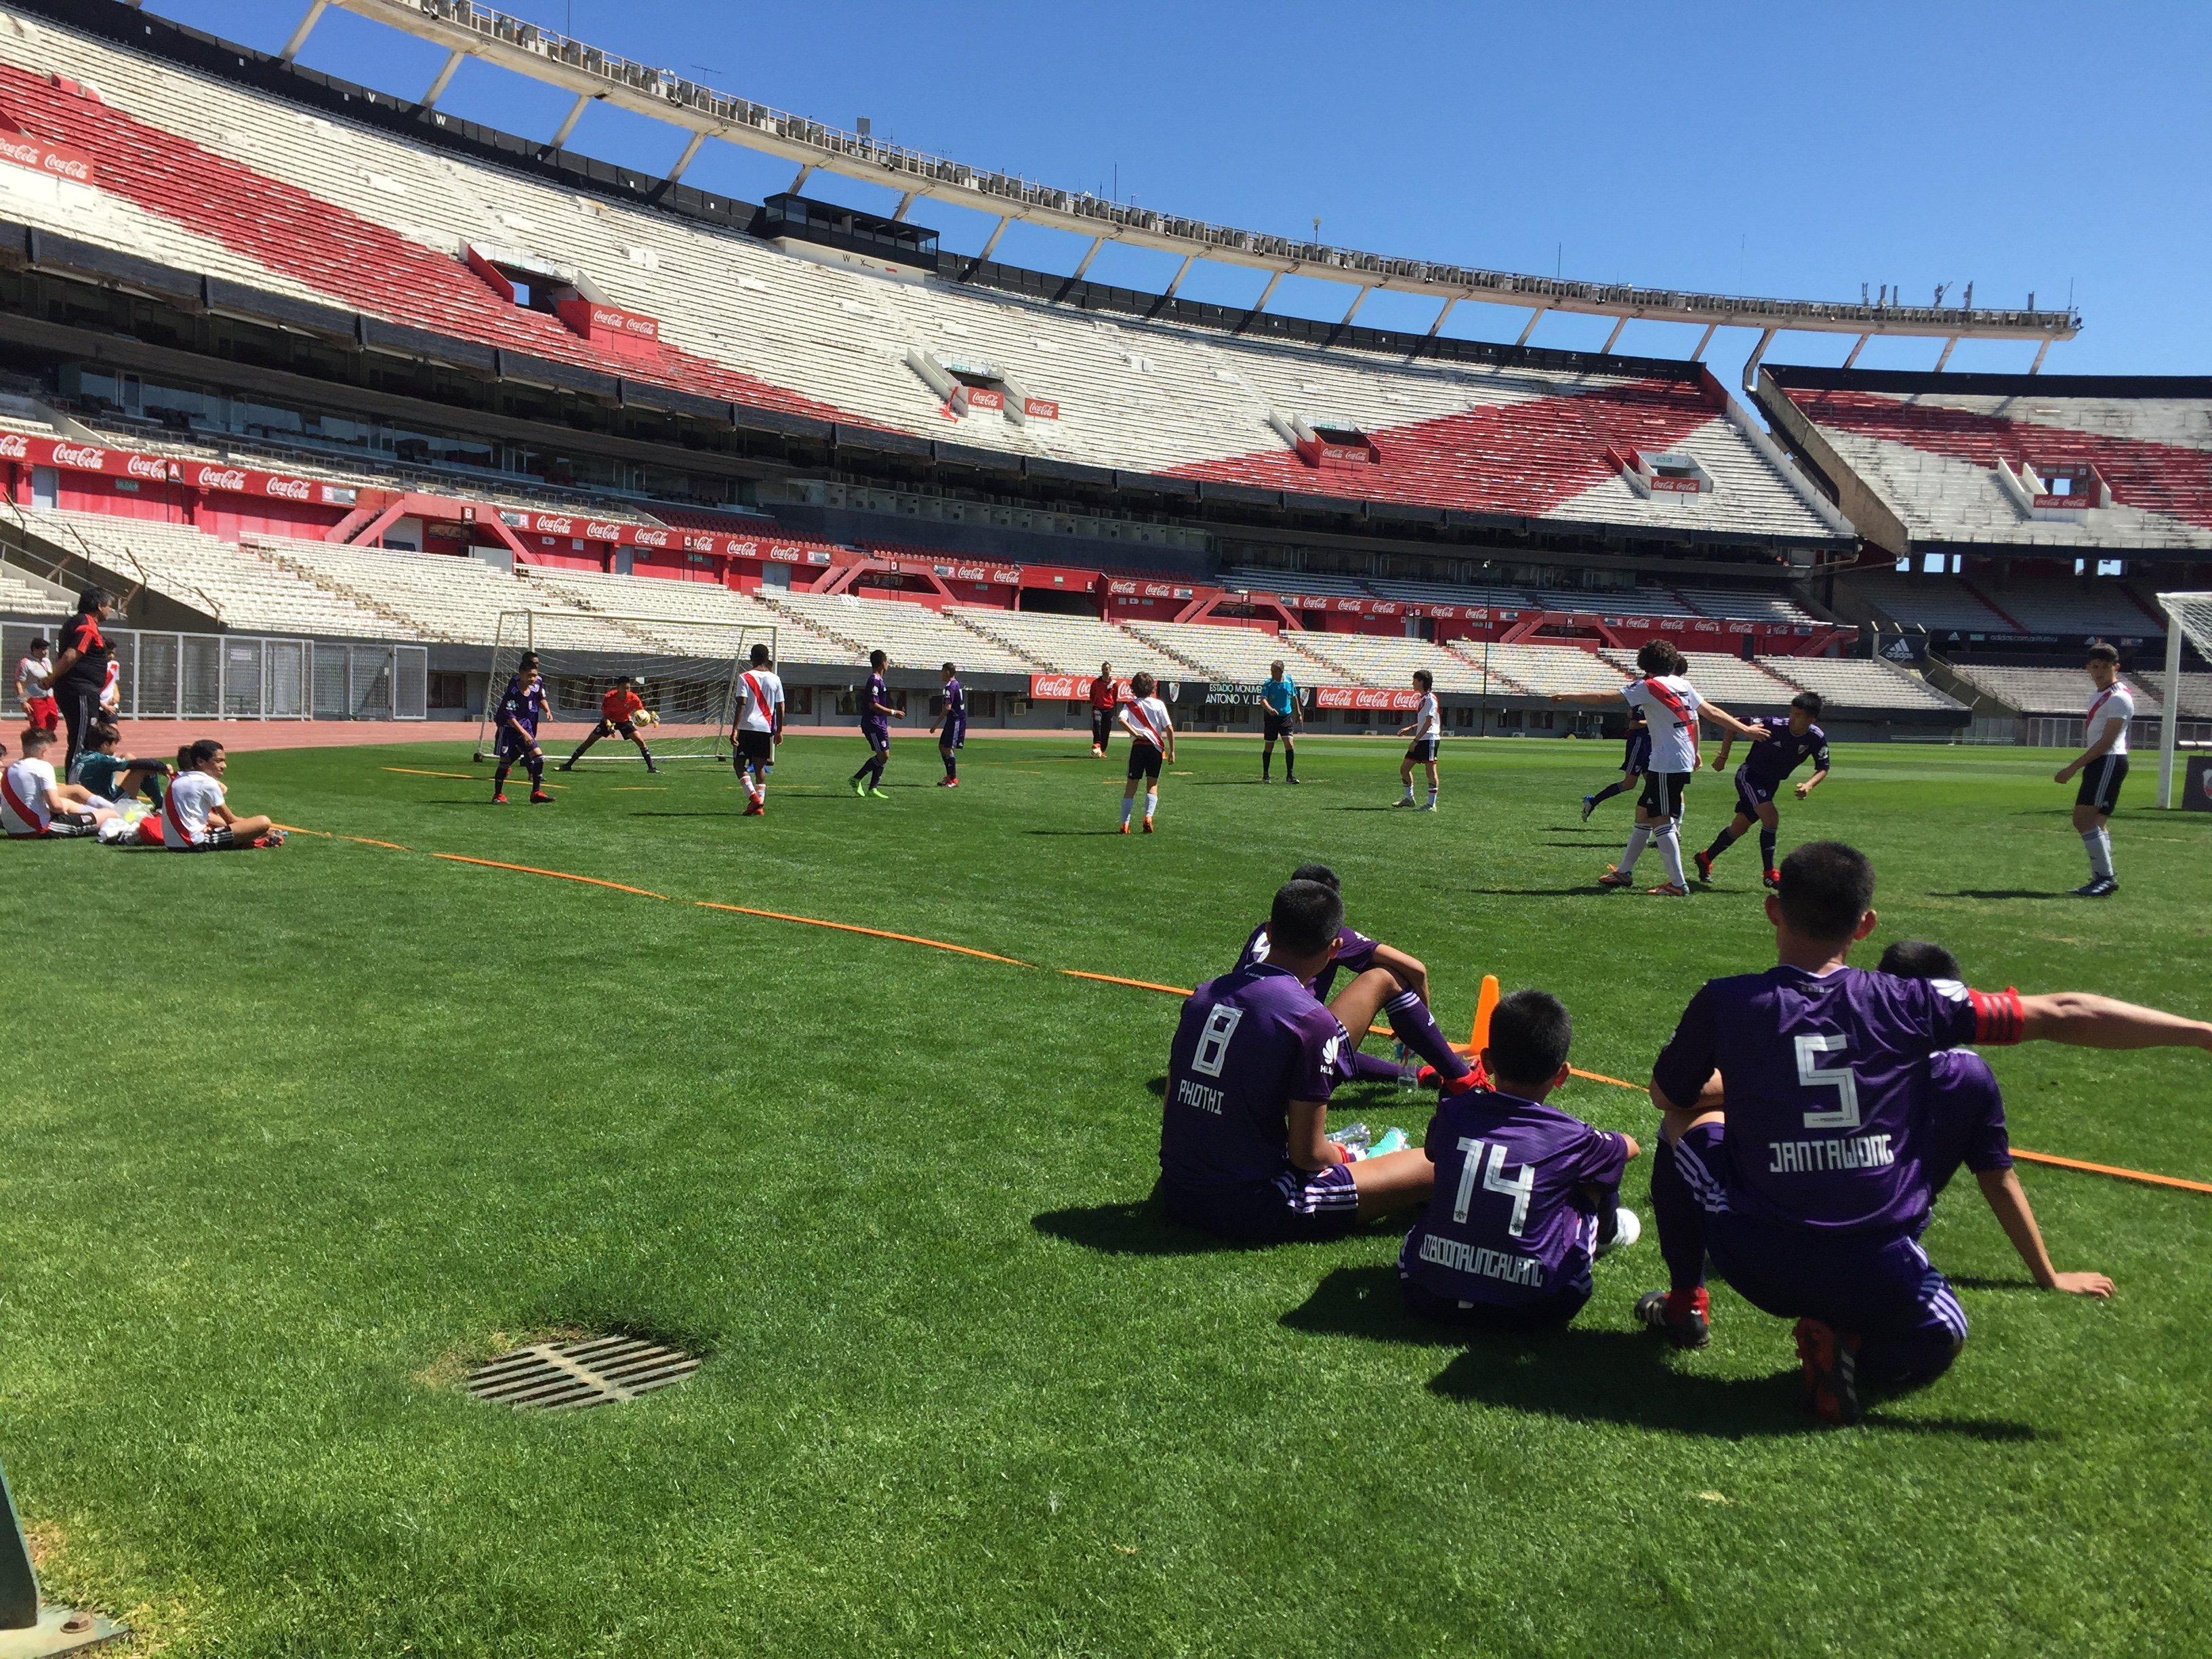 Los niños tailandeses juegan un amistoso en el Estadio Monumental del club River Plate